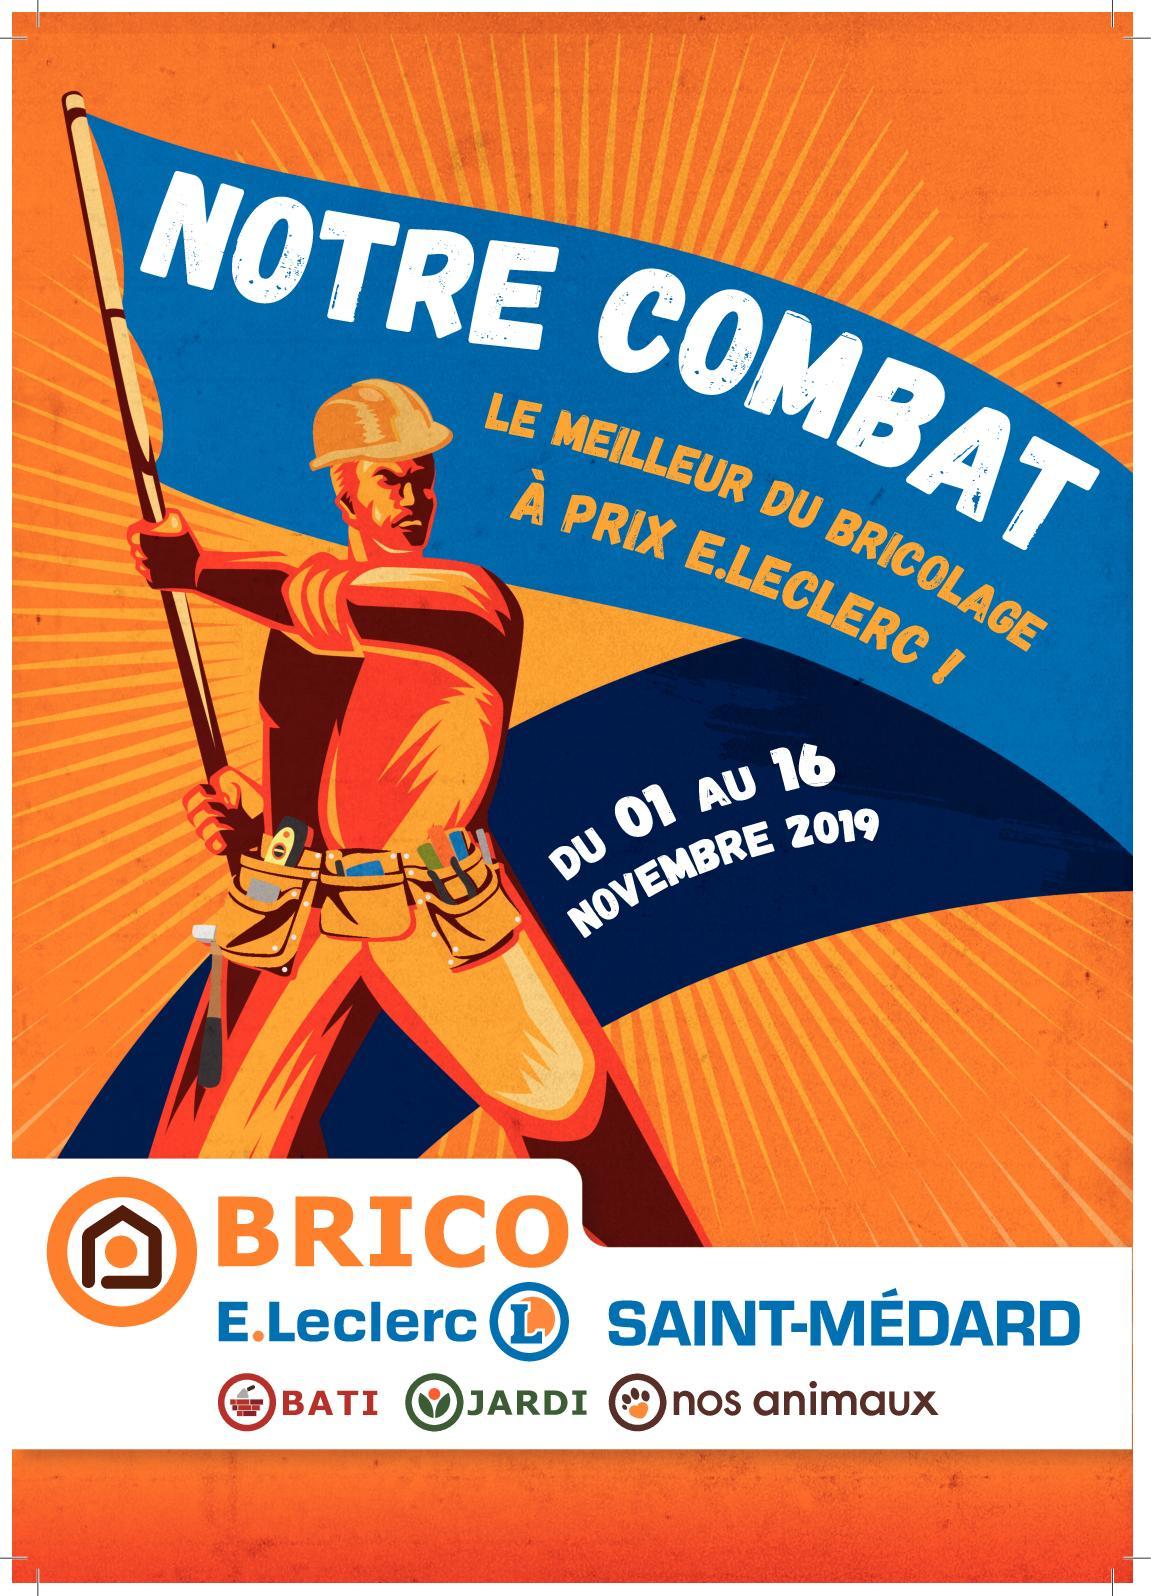 Calaméo - Catalogue Brico E.leclerc Saint-Médard intérieur Abri De Jardin E Leclerc